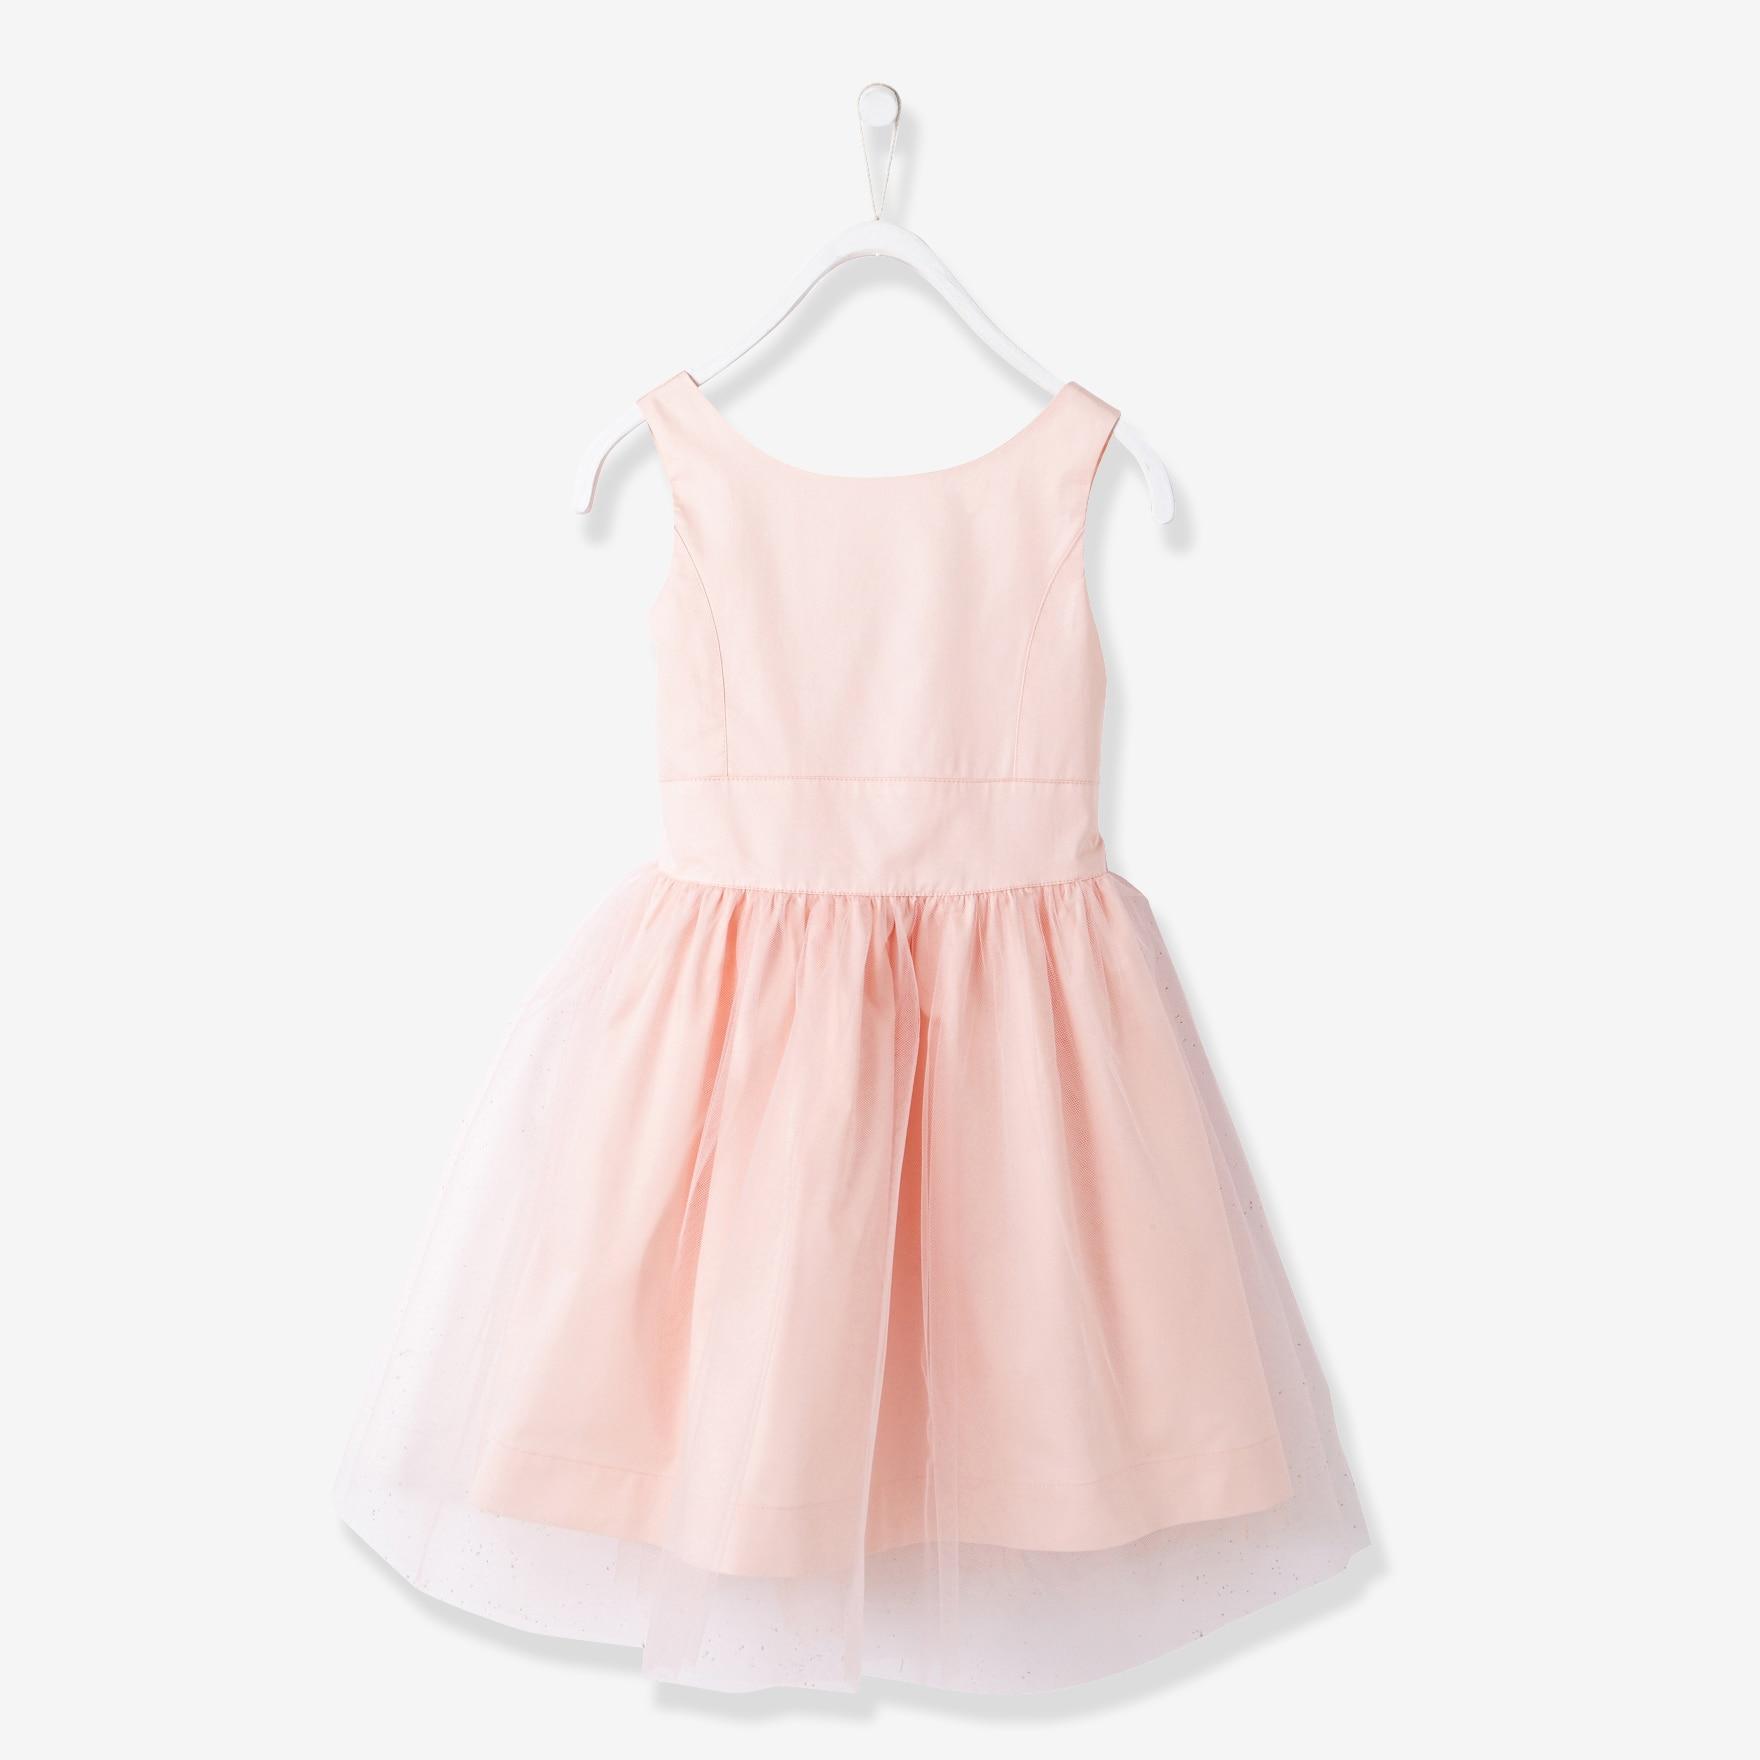 A halter dress Fairy Princess Pink Bow children 17 girls in a summer dress <br>